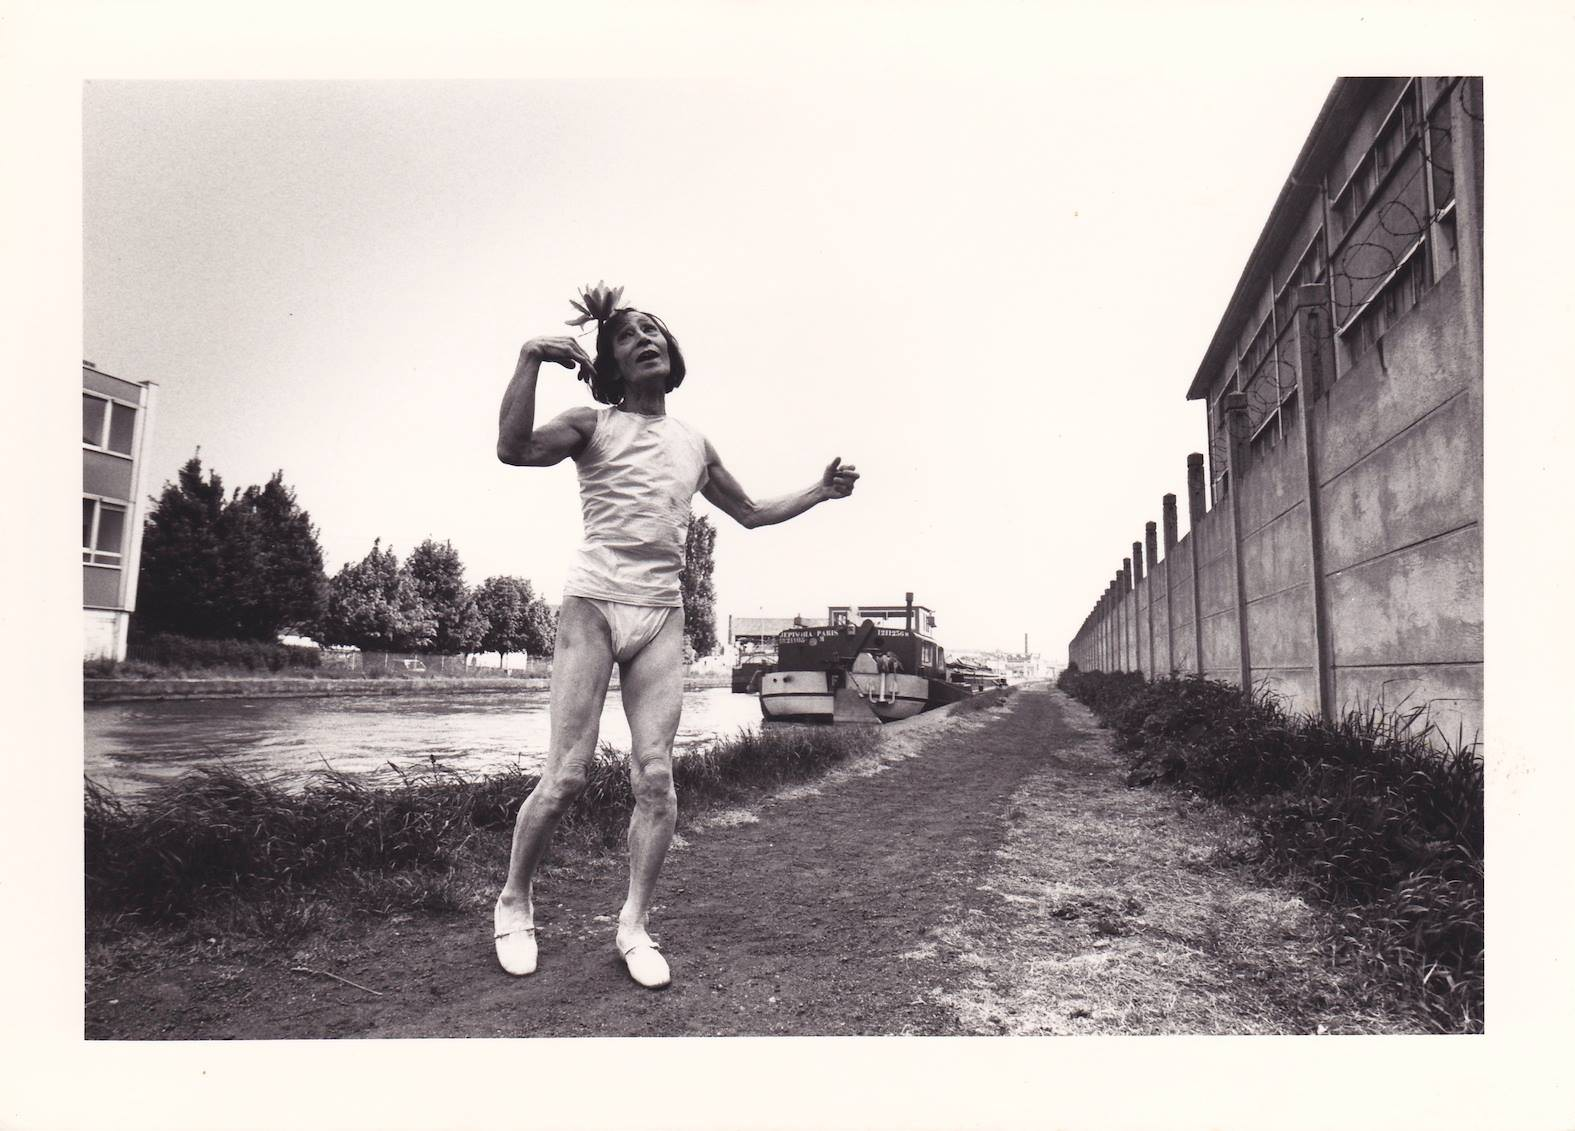 大野一雄『ラ・アルヘンチーナ頌』 1980年 ナンシー・フェスティバル ナンシーの運河にて 撮影:神山貞次郎